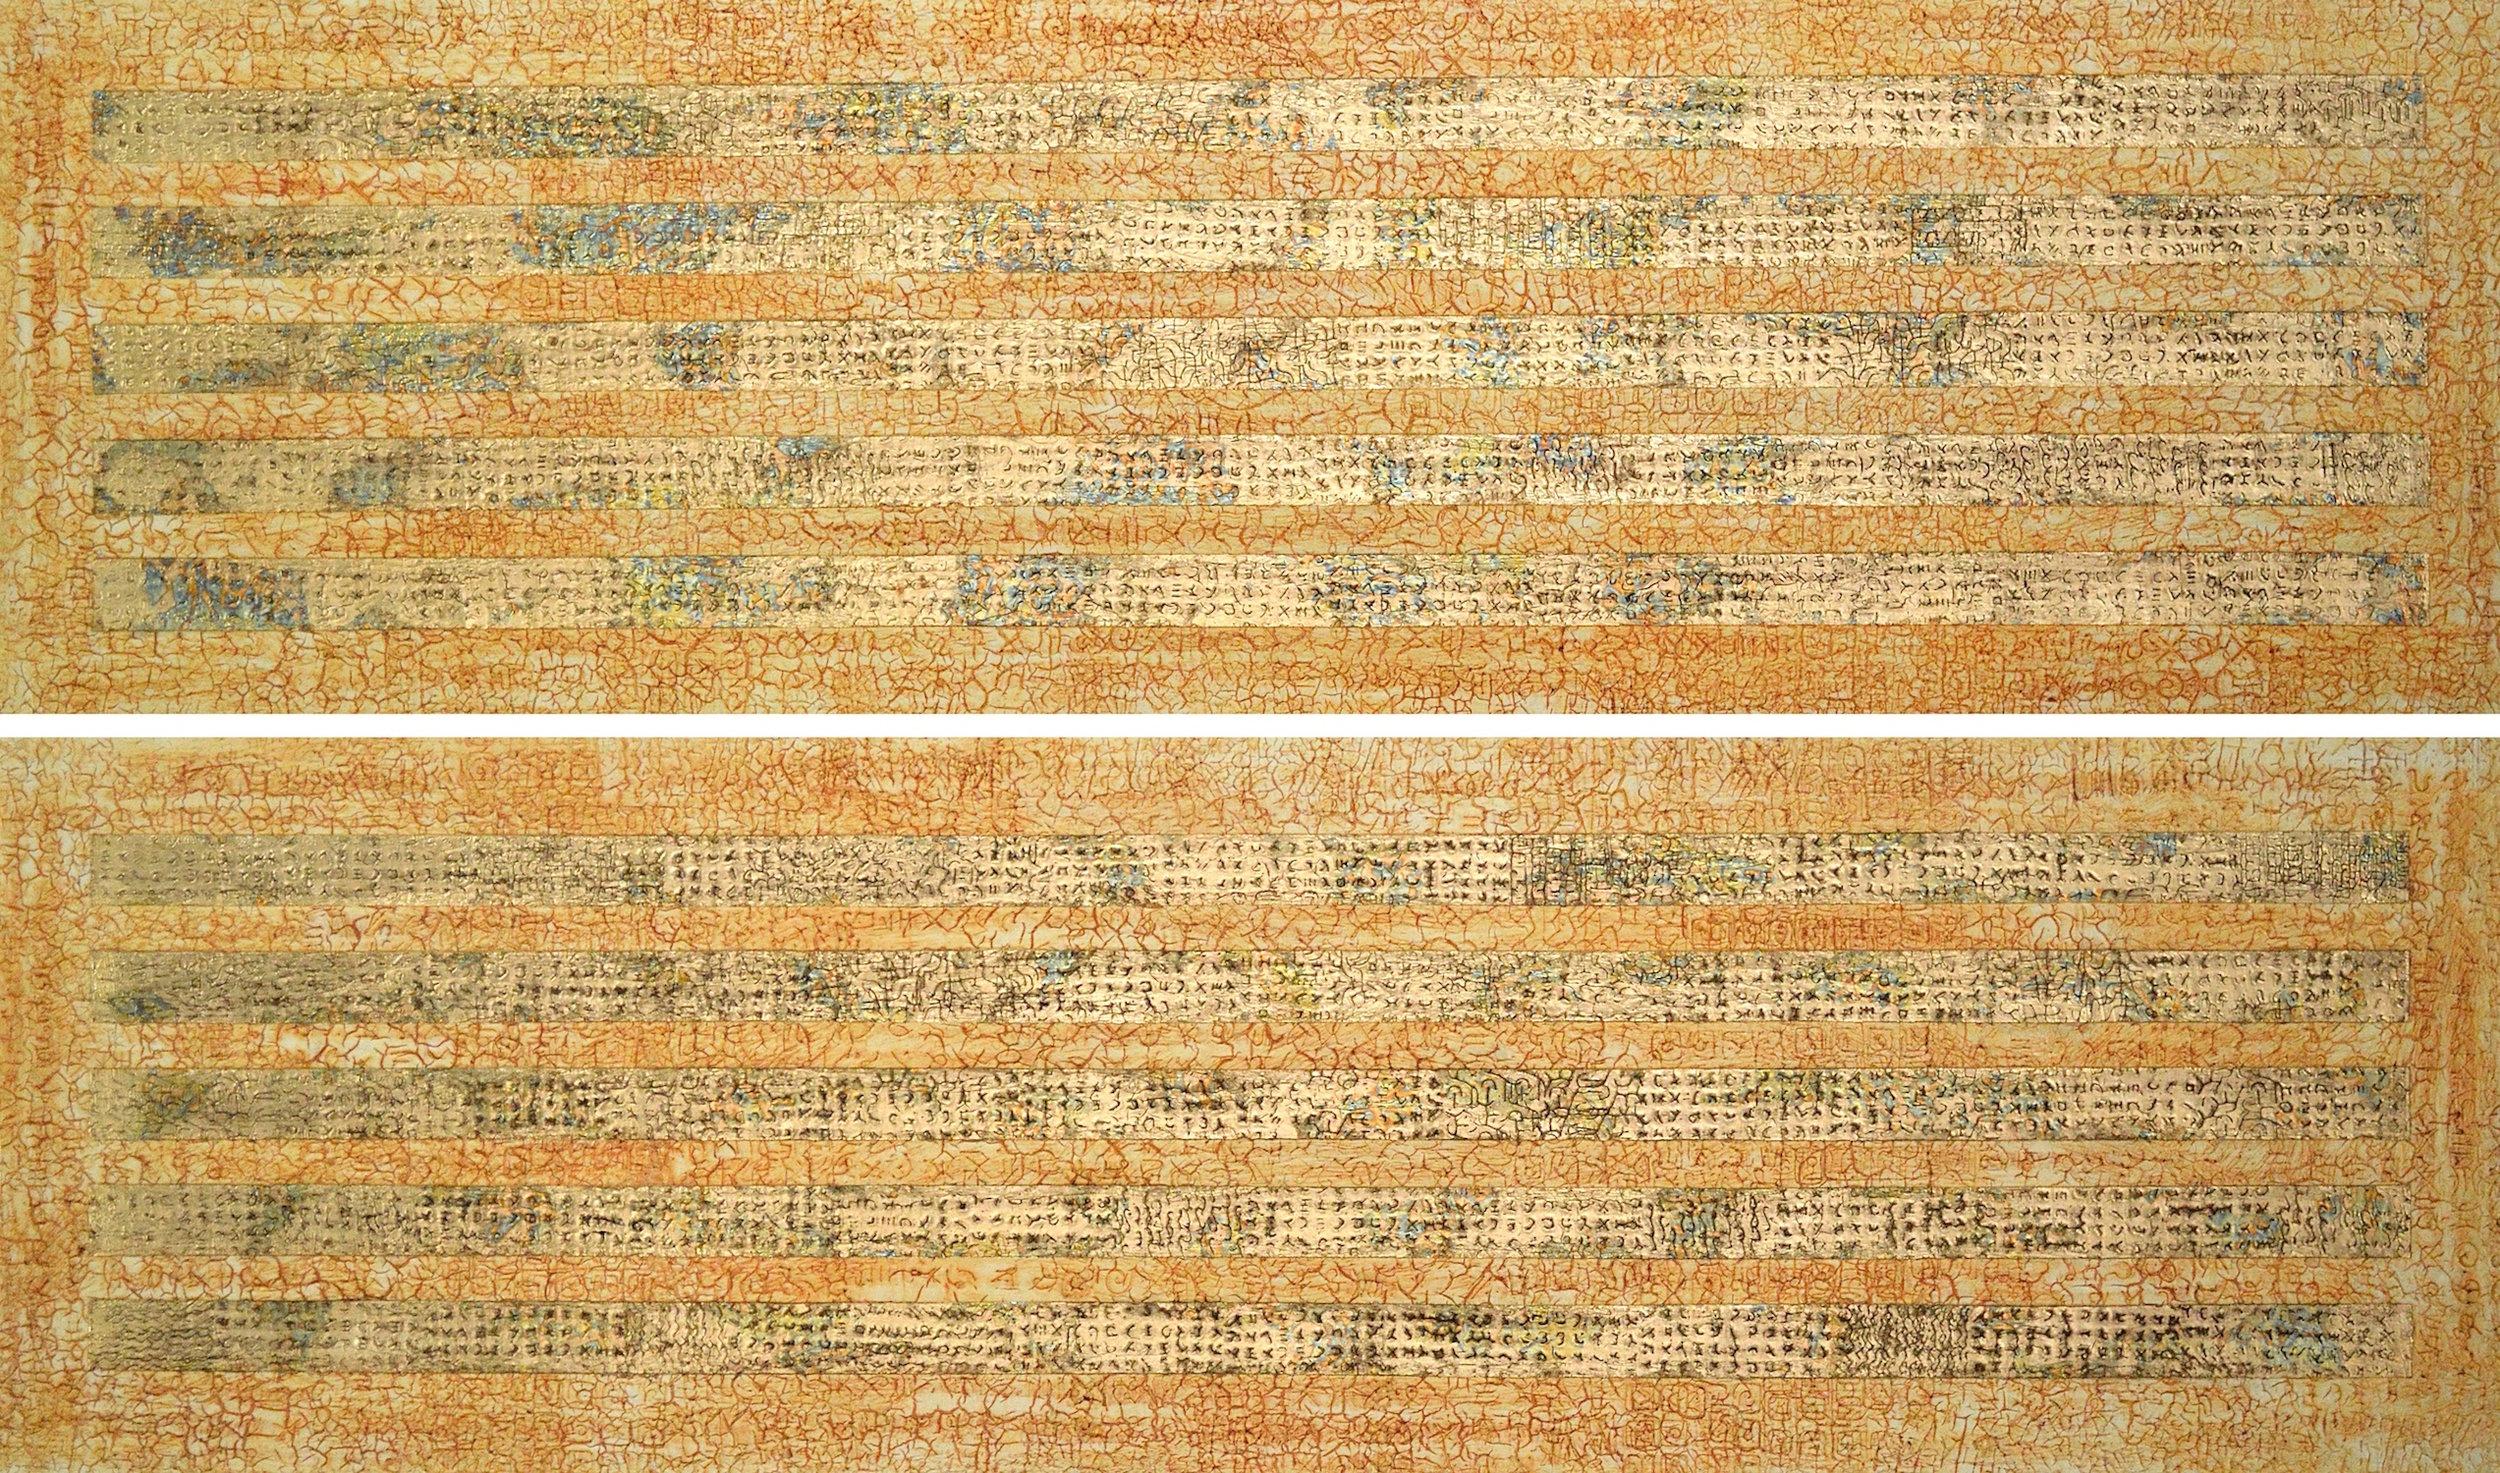 """Zaf'farān Prayer Scroll 1 & 2 (Persian - orange yellow wild flower)@ 21"""" W x 70"""" H x 1.5"""" D Acrylic, oil & gold leaf on wood"""